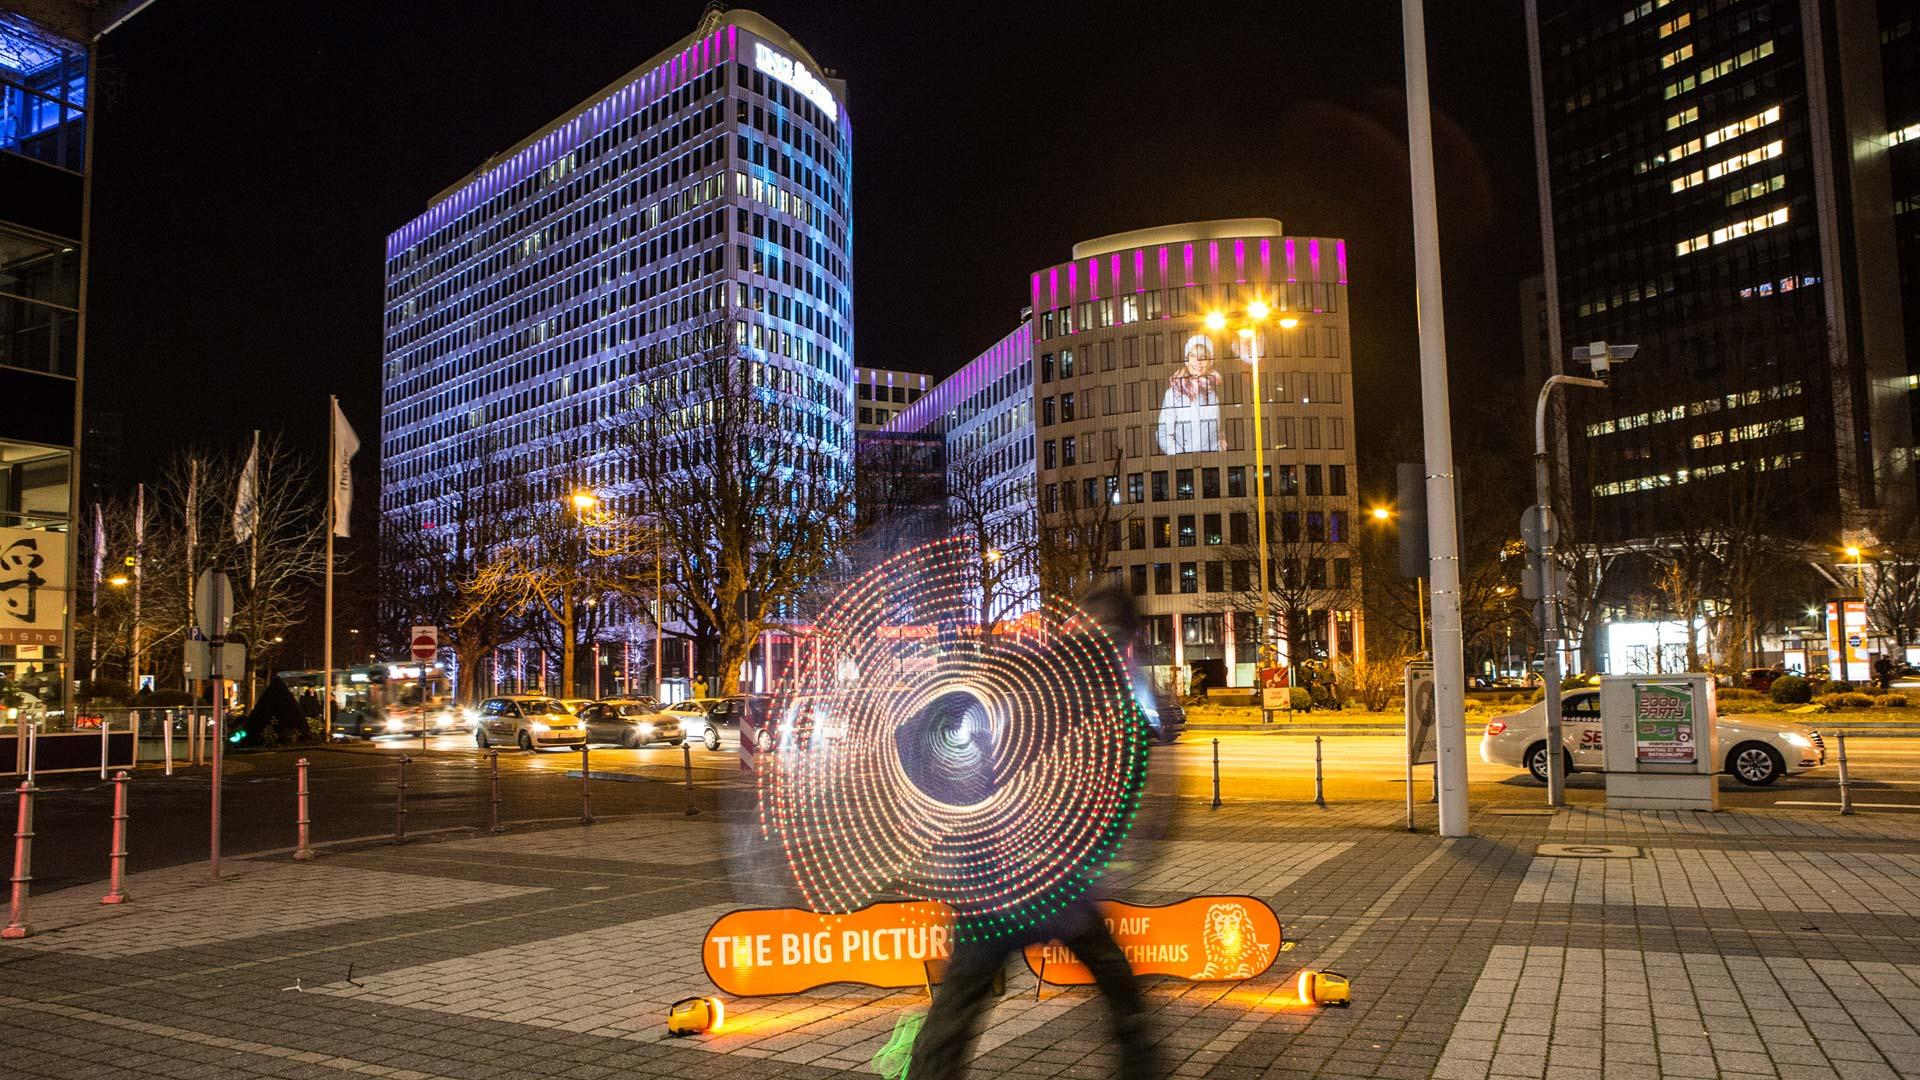 MAASS-Lichtplanung_Lichkunst zur Luminale 2016 am ING-DiBa Gebäude__MAASS-Luminaleo-005